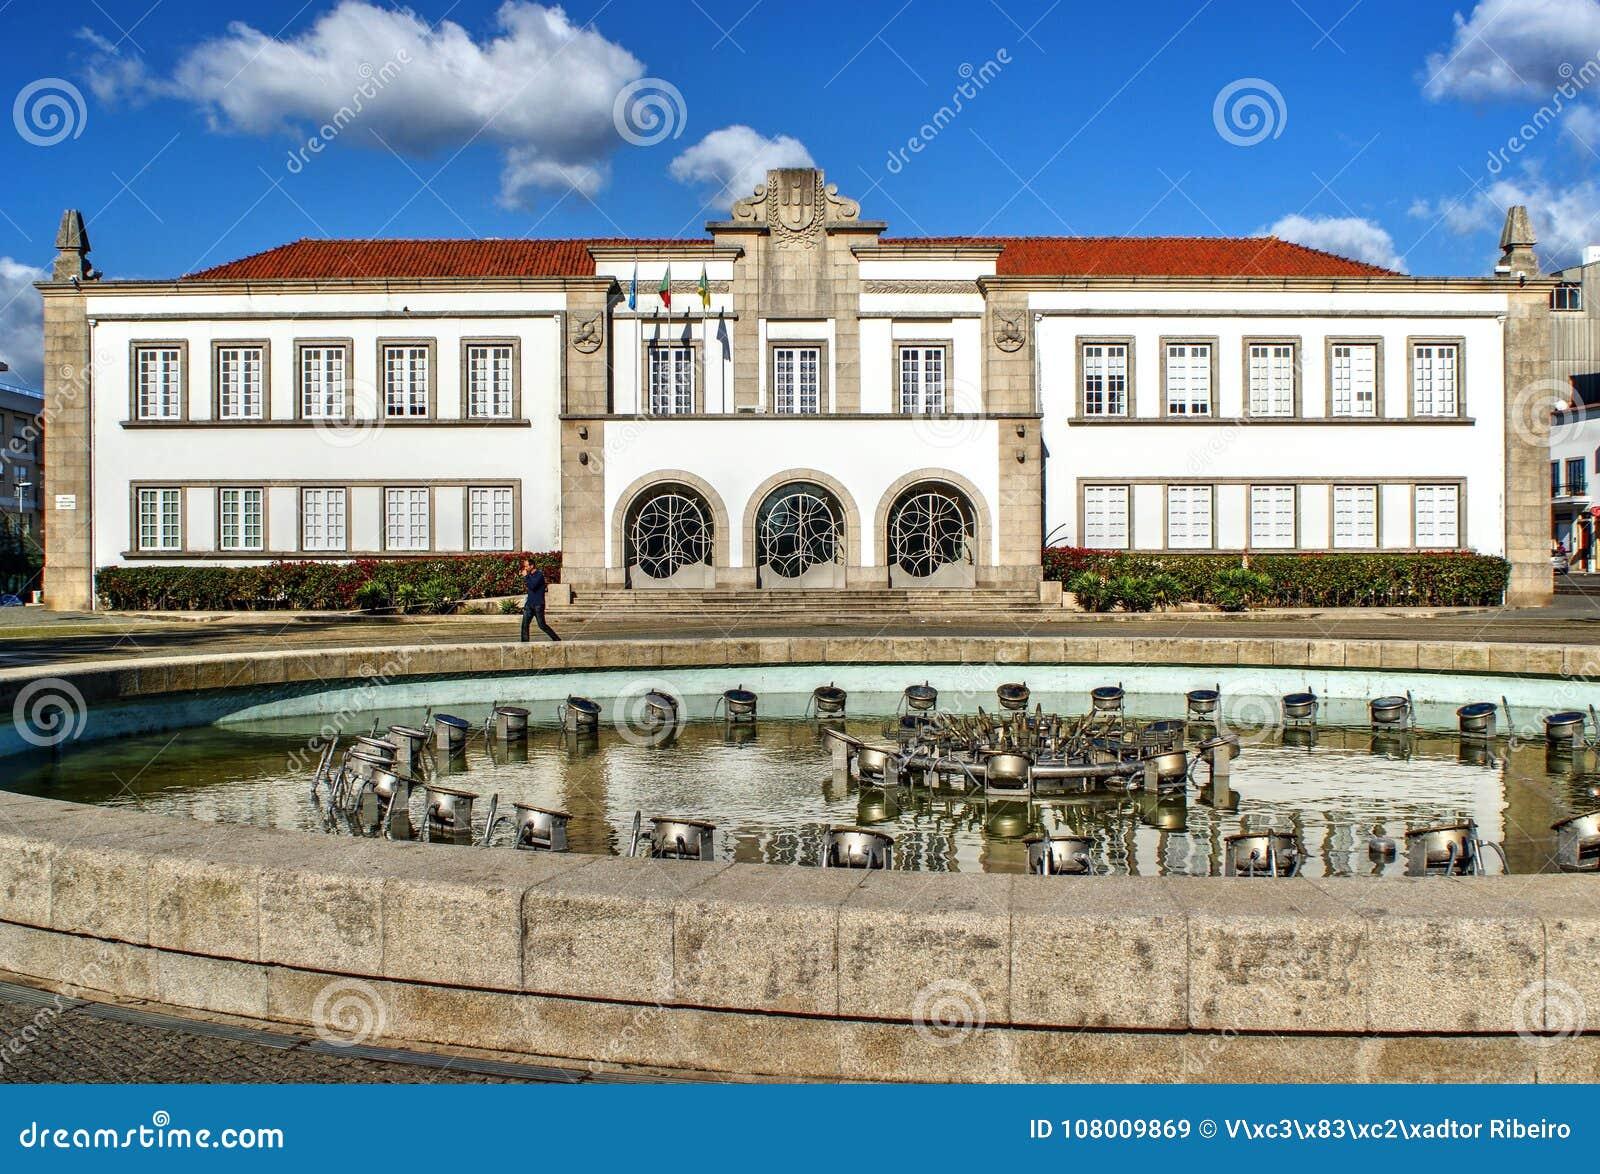 City Hall of Espinho